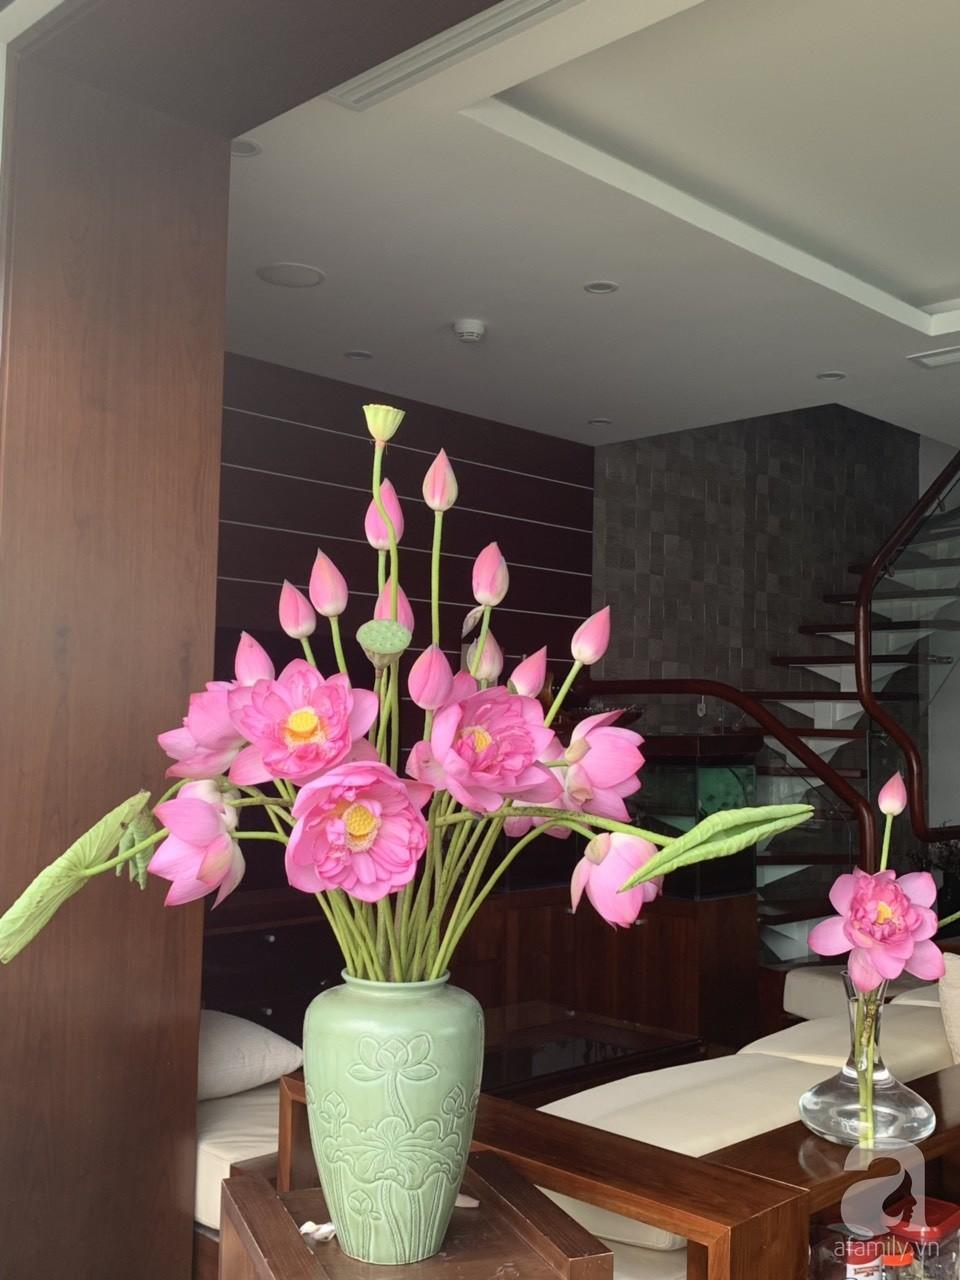 Níu giữ hương mùa hạ với những bình hoa sen đẹp dịu dàng trong tổ ấm của 3 người phụ nữ đảm tại Hà Nội - Hình 13